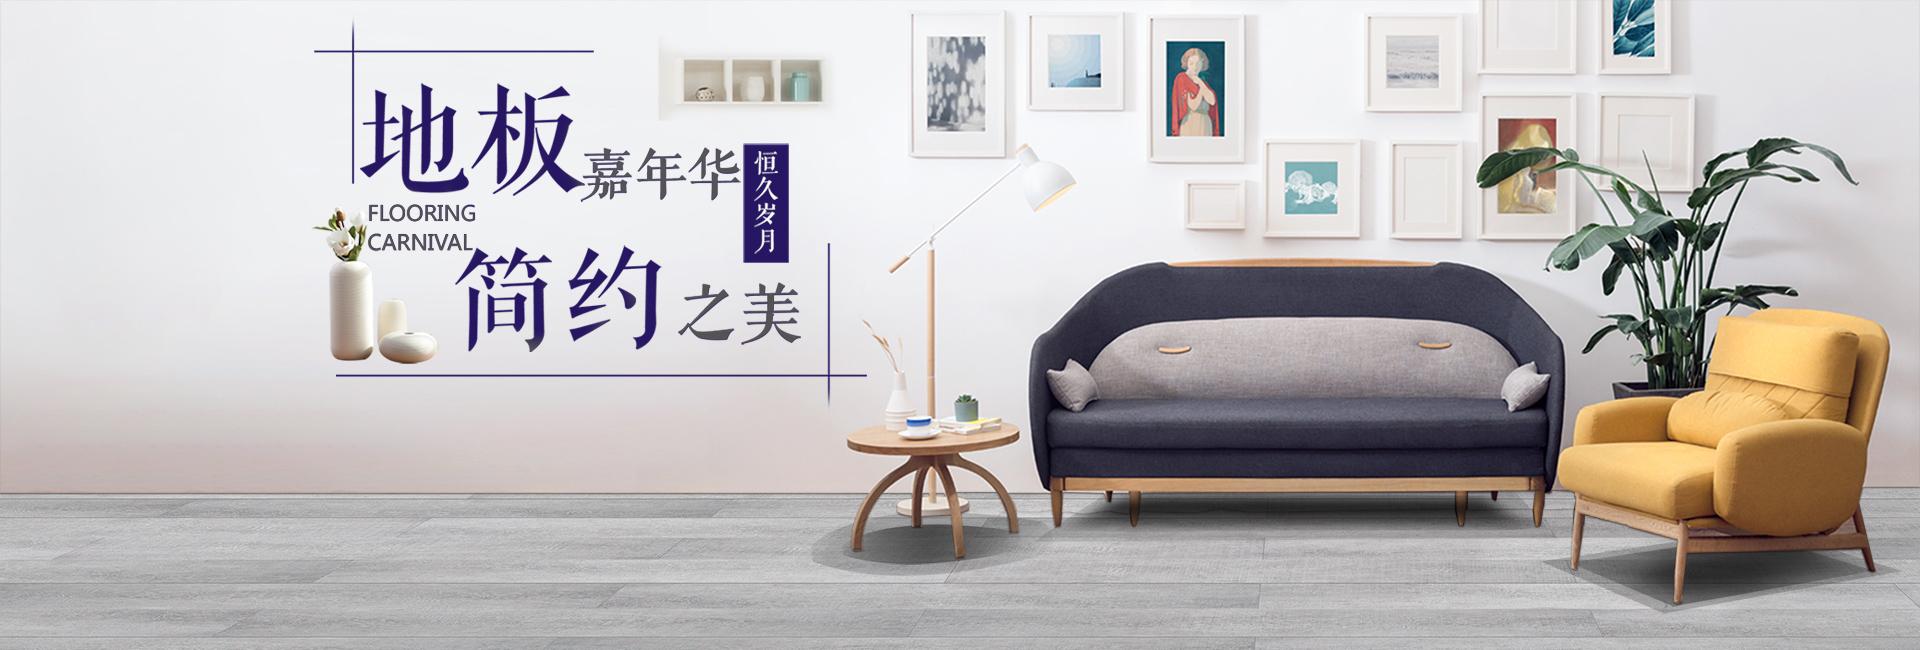 万博manbetx官网app下载万博意甲